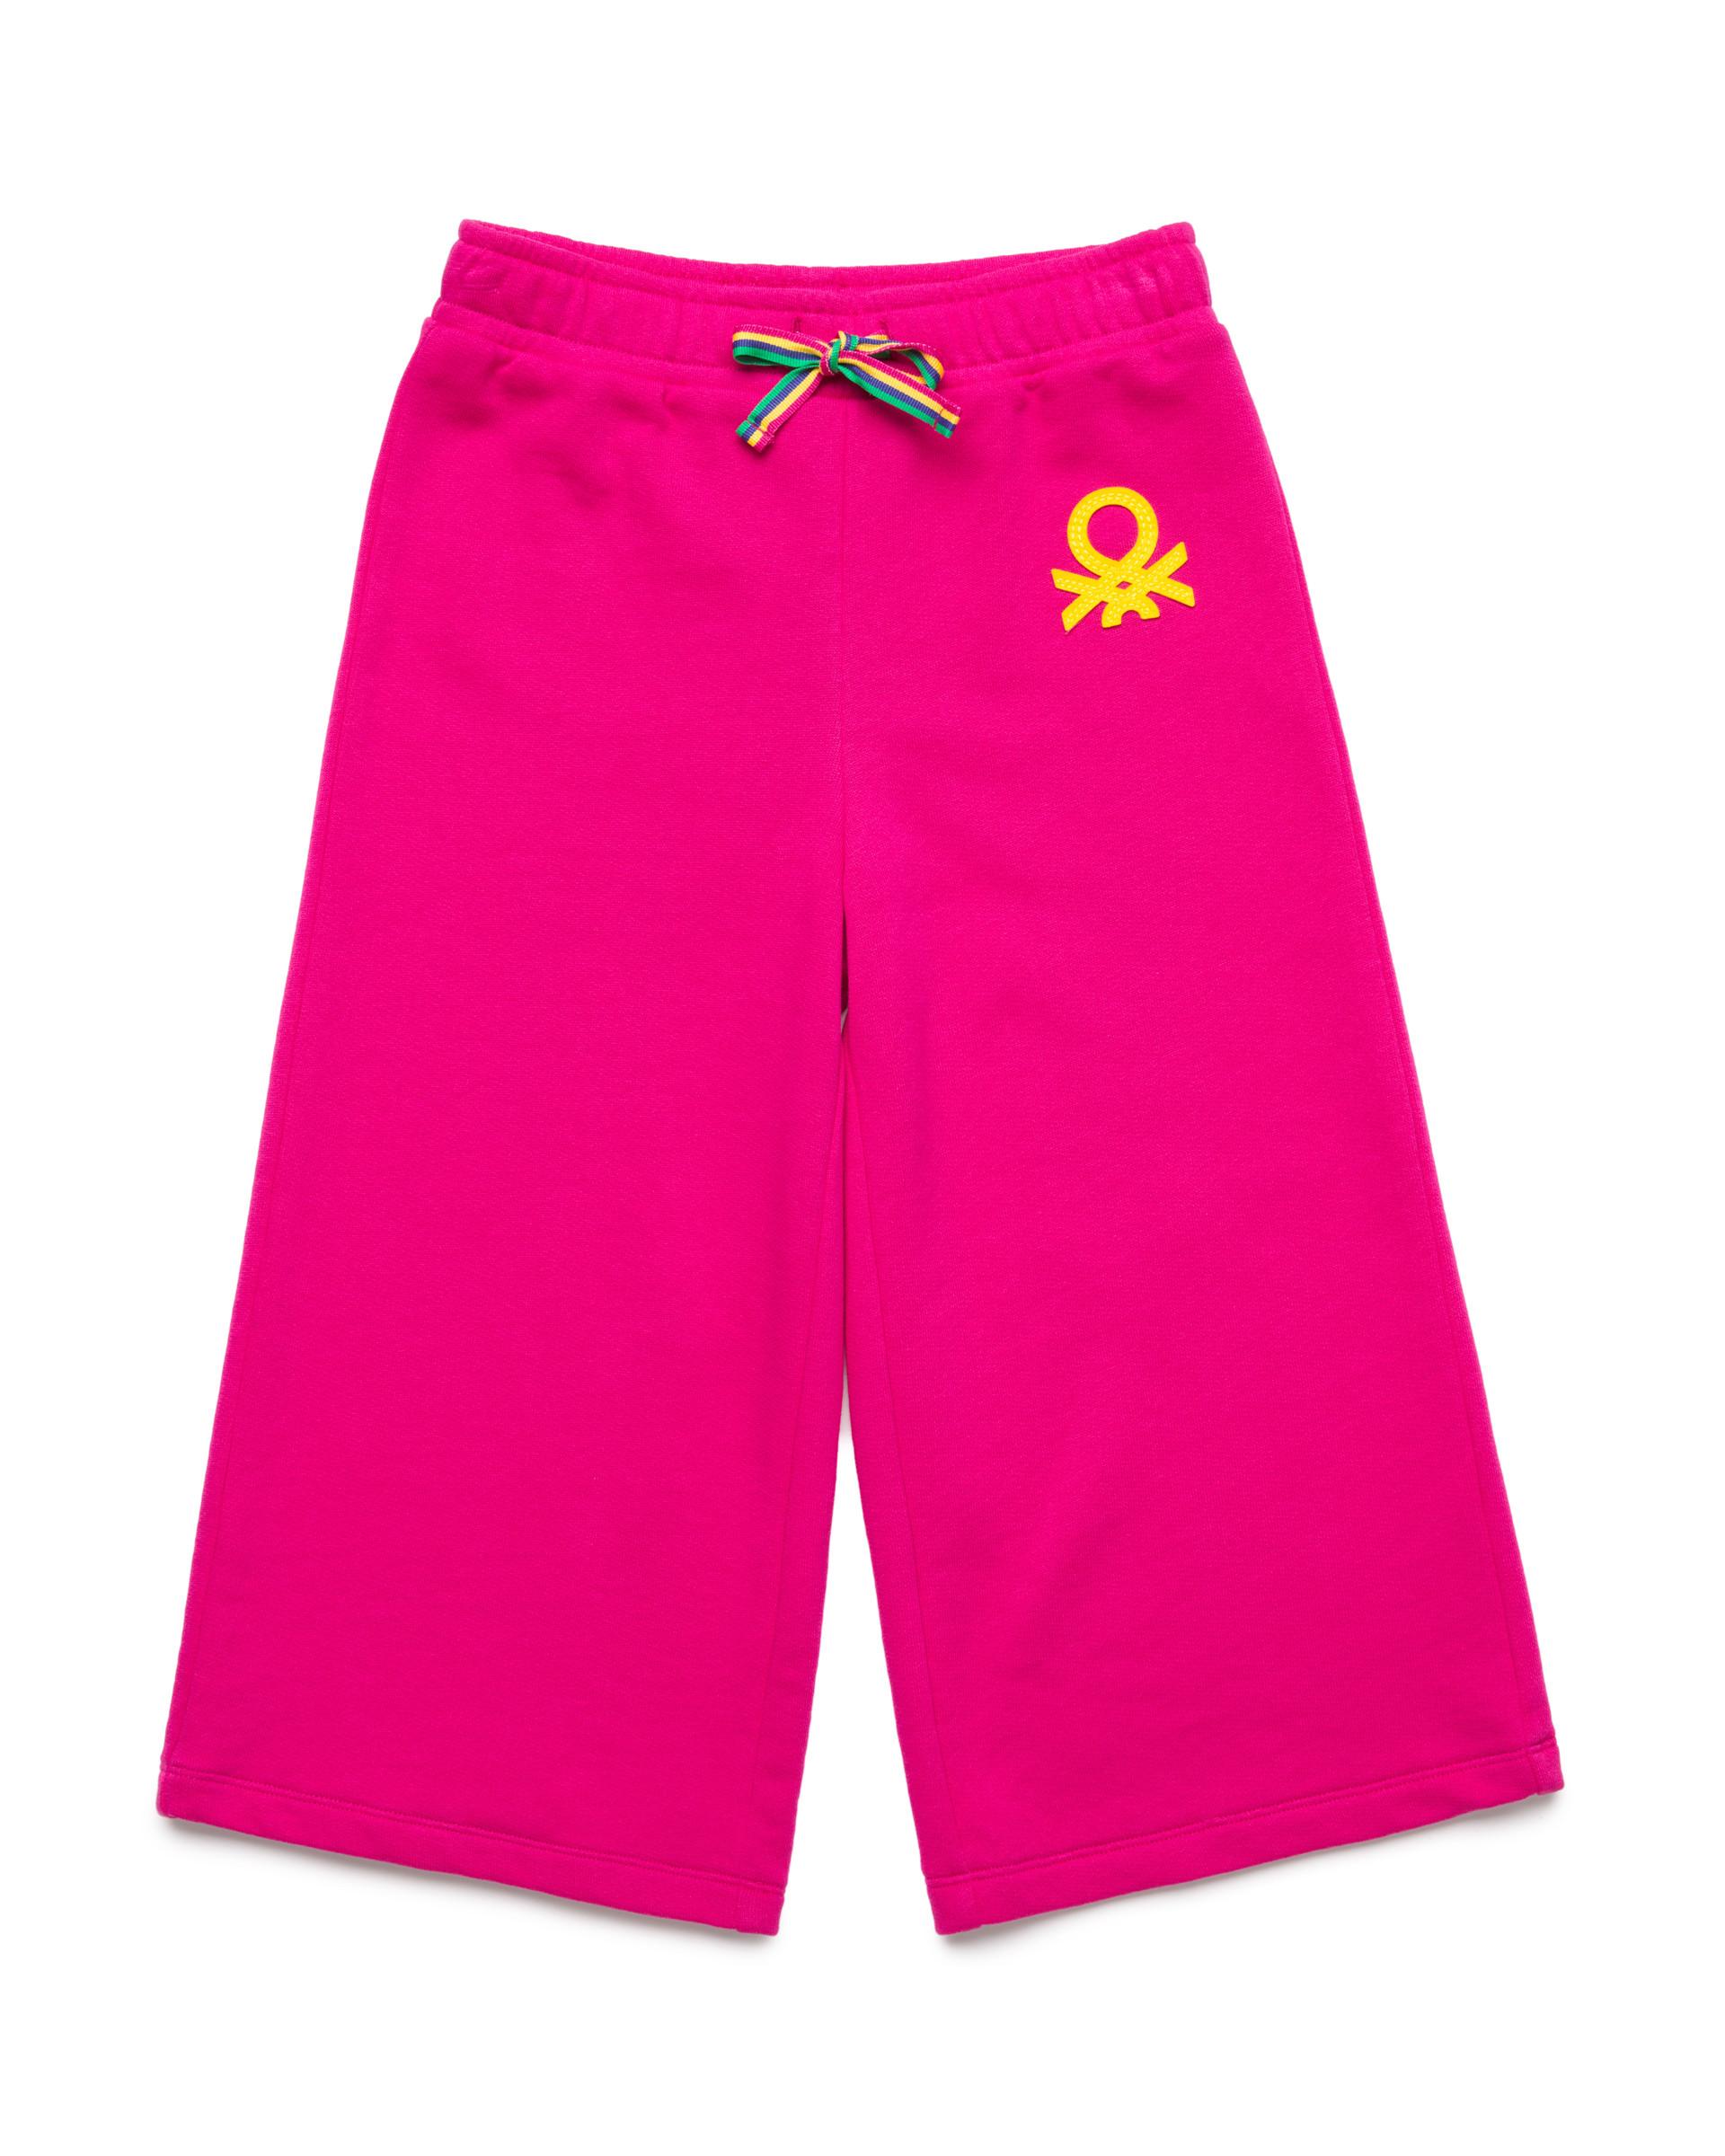 Купить 20P_3J68I0982_2L3, Спортивные брюки-кюлоты 3/4 для девочек Benetton 3J68I0982_2L3 р-р 128, United Colors of Benetton, Брюки для девочек